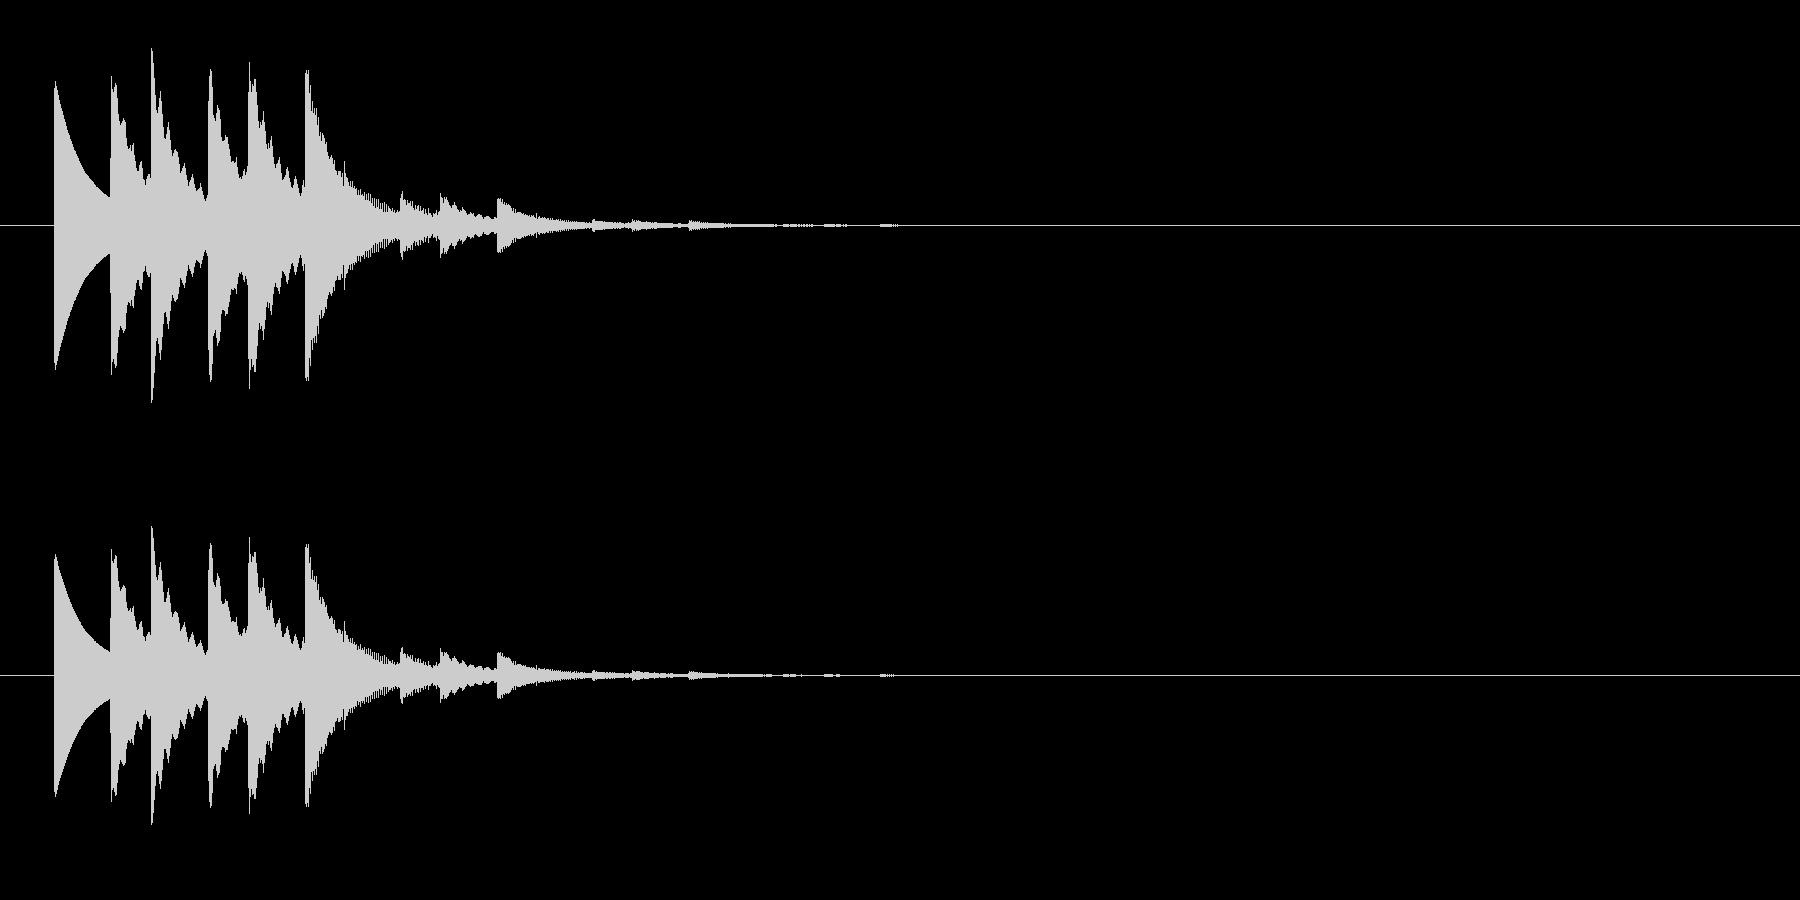 チャリチャリチャリーンなコイン獲得の音6の未再生の波形